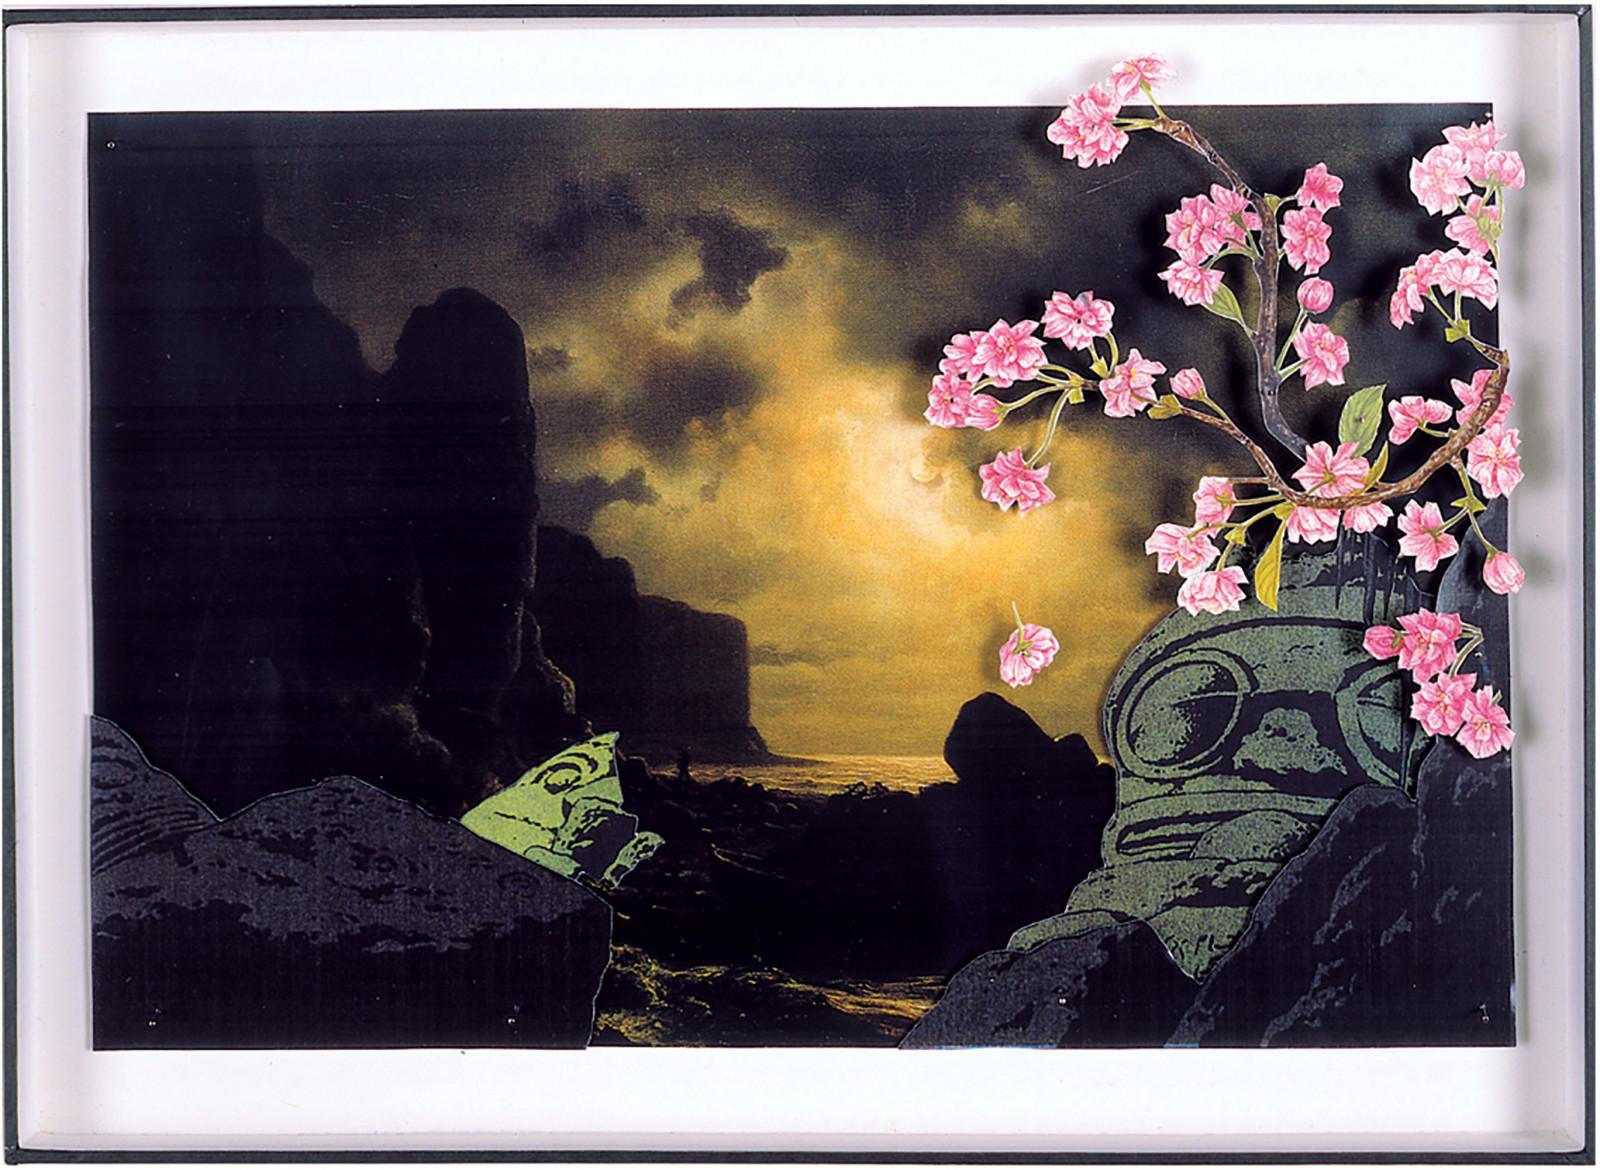 Kim Nekarda: Untitled, 2000, photocopy, postcard, box, 30 x 42 x 3 cm